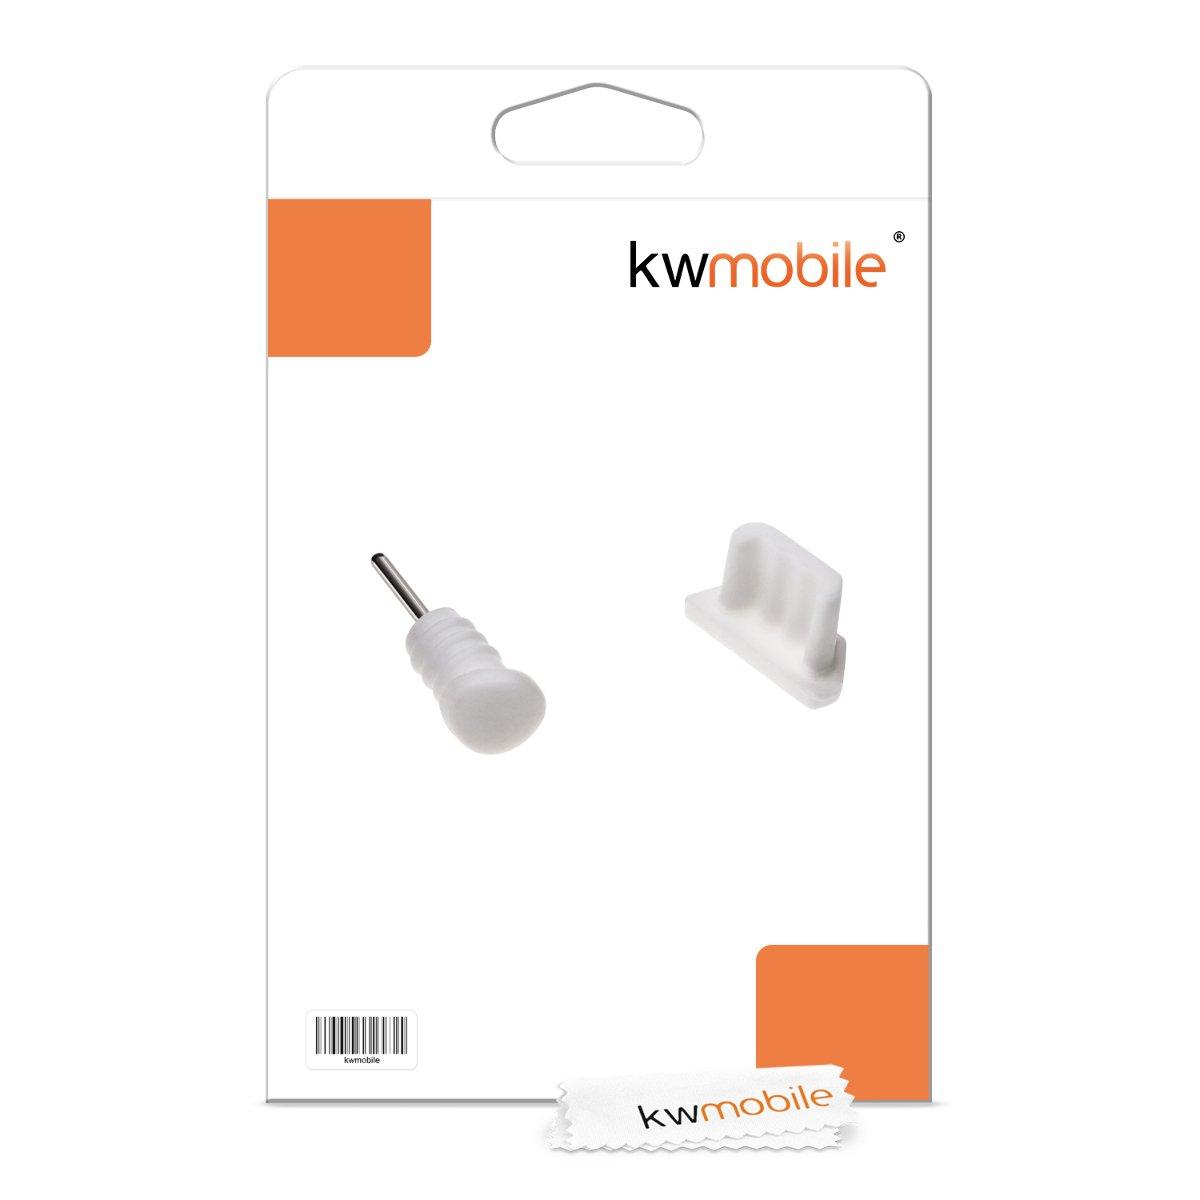 Noir Cuigu 5Pcs Bouchons Anti-poussi/ère pourT/él/éphones Portables Port de Chargement USB de Typ C Coque de Protection en Silicone pour T/él/éphones intelligents